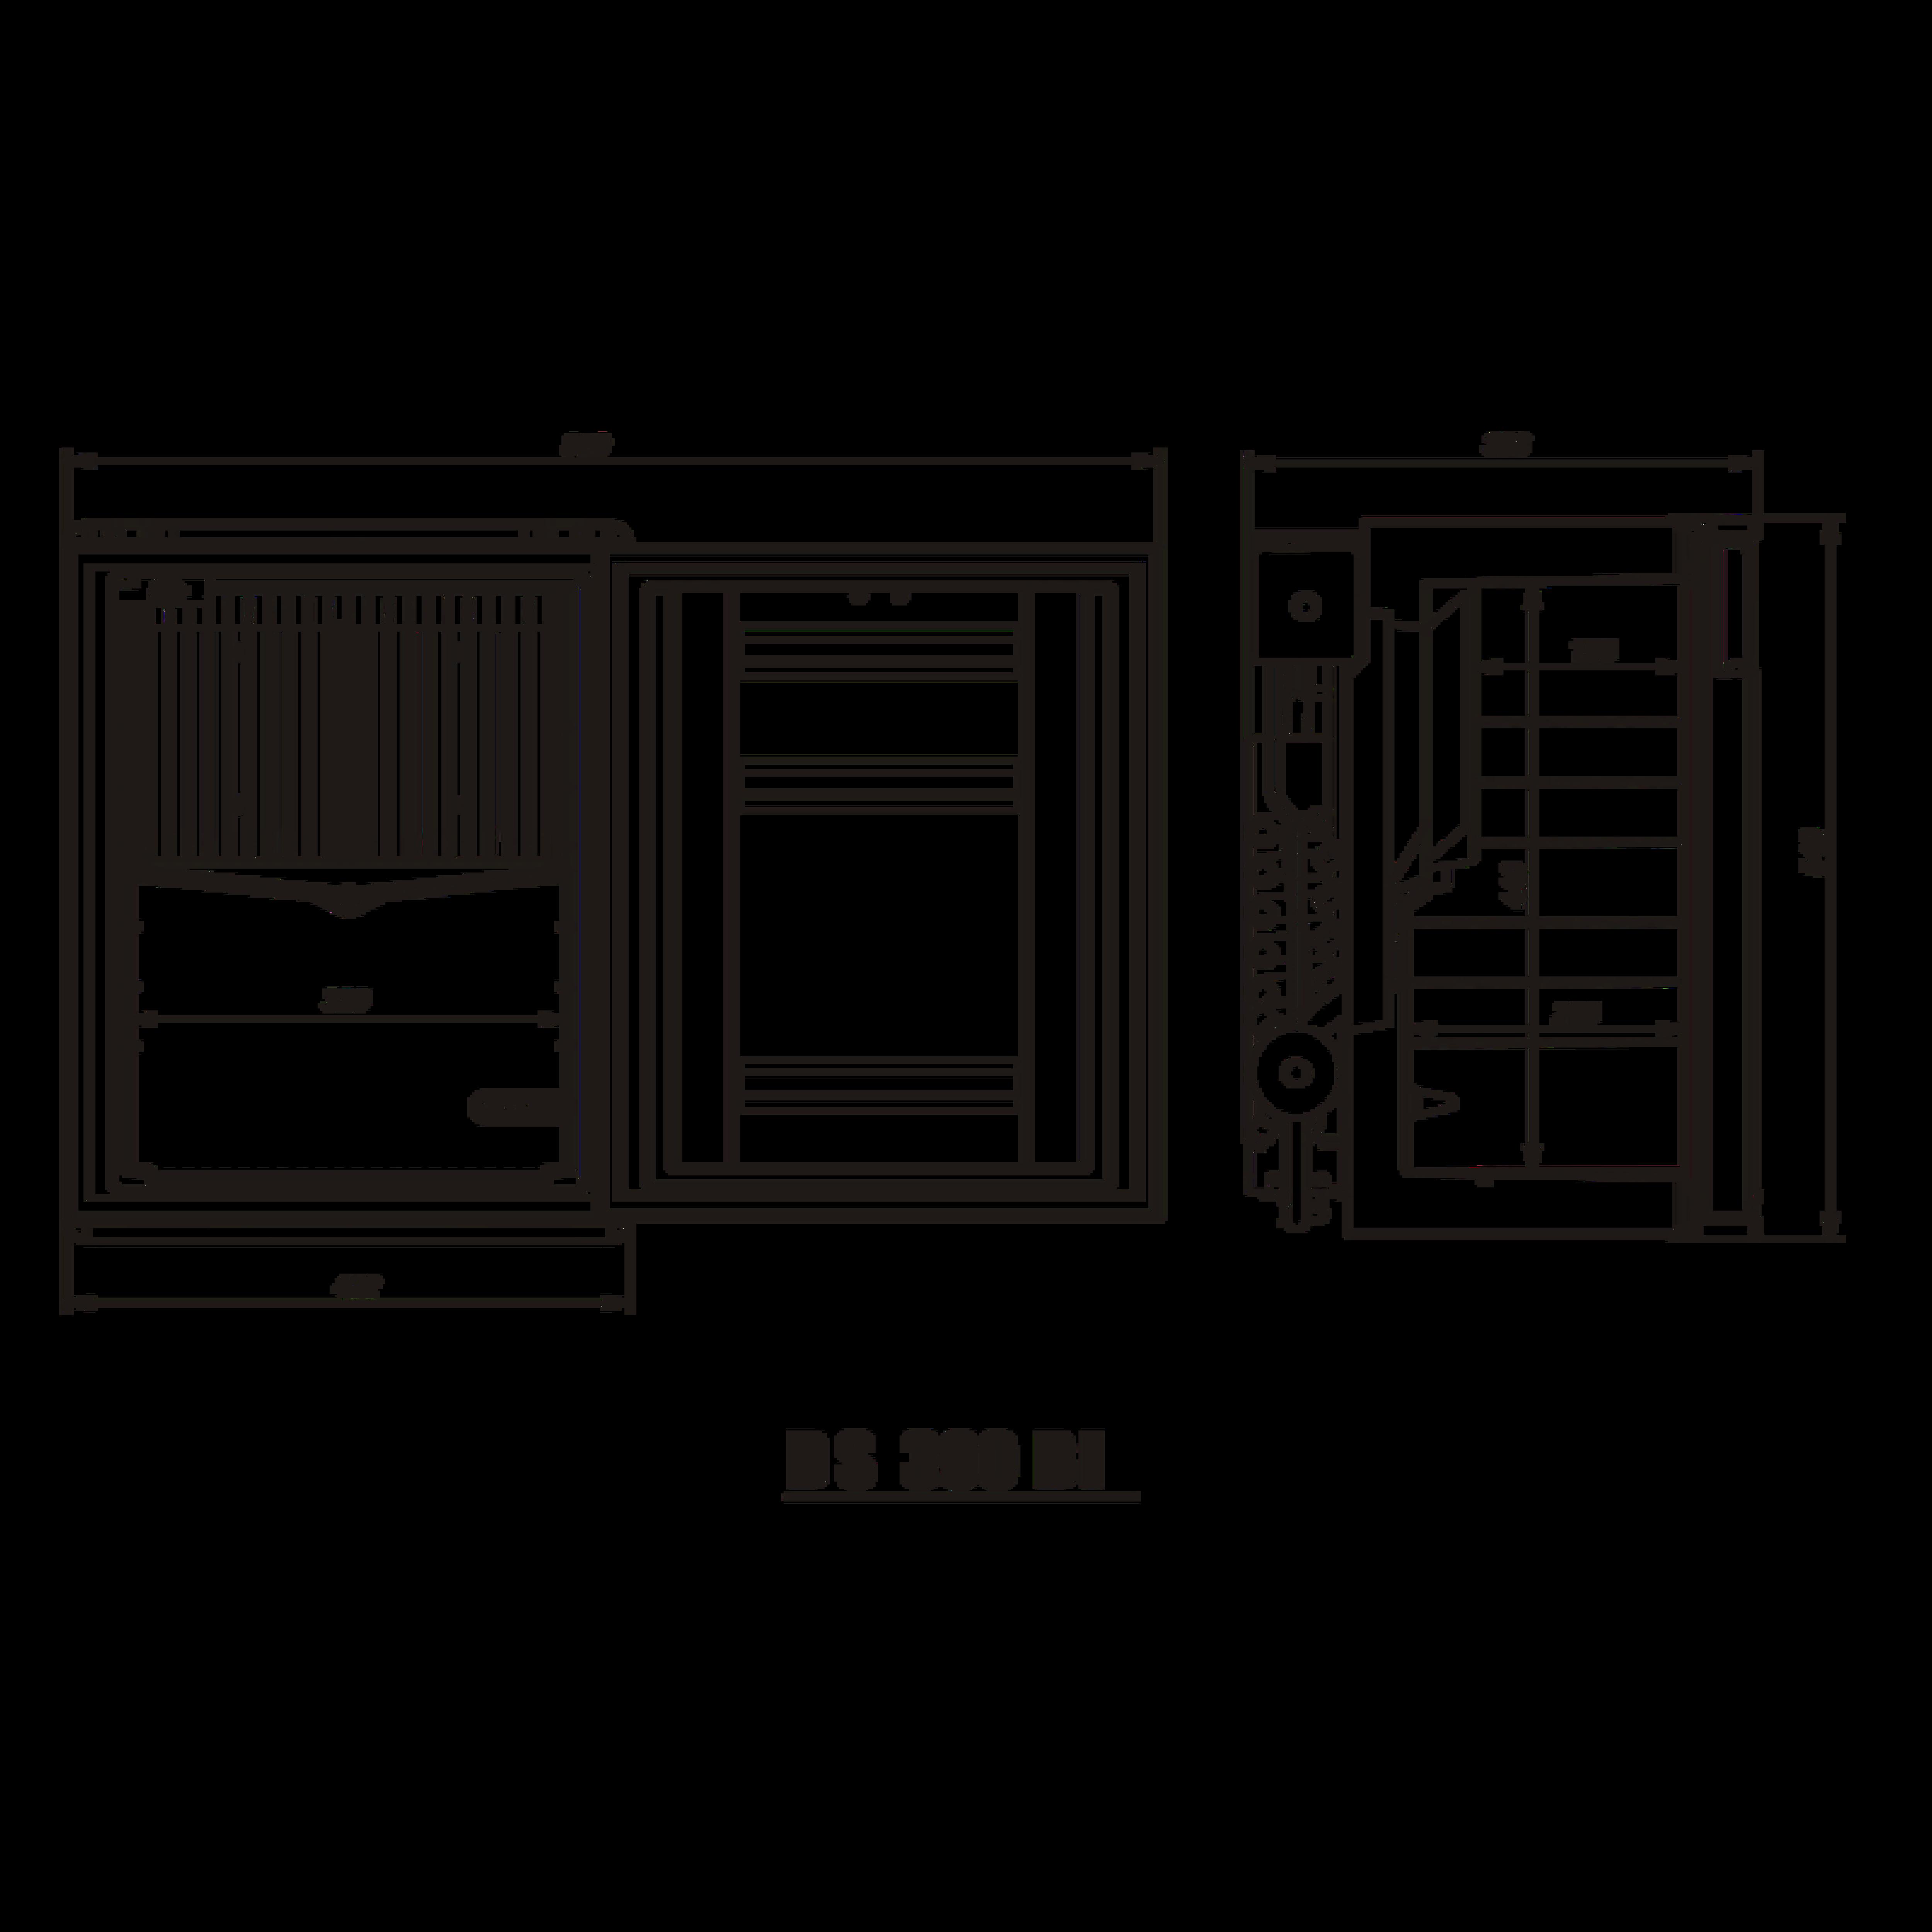 DS300 BI Dimensions